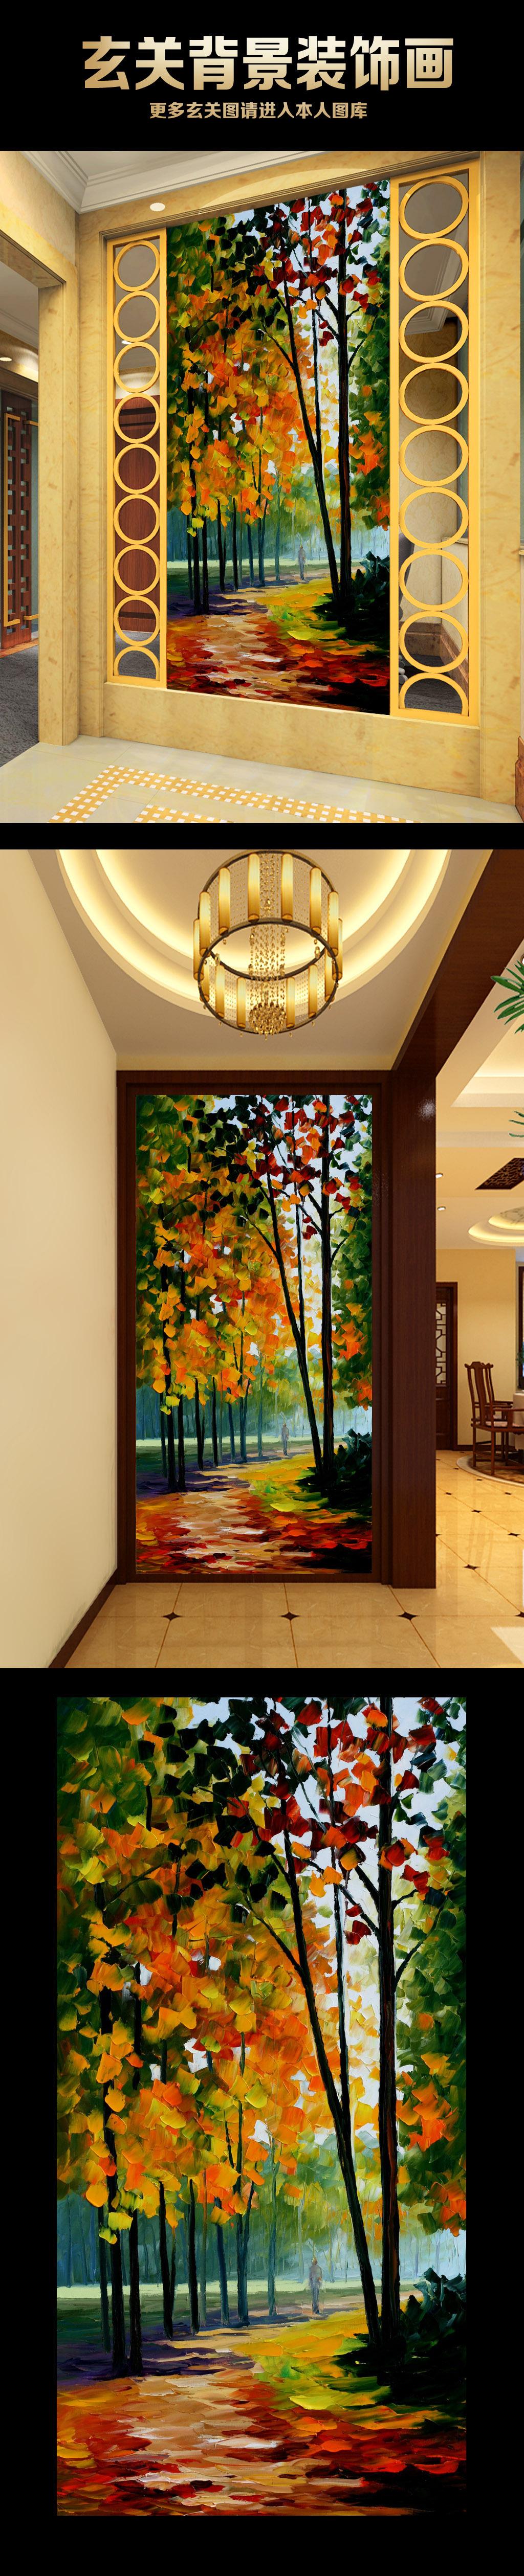 手绘风景画油画林荫小道壁画玄关门厅背景墙